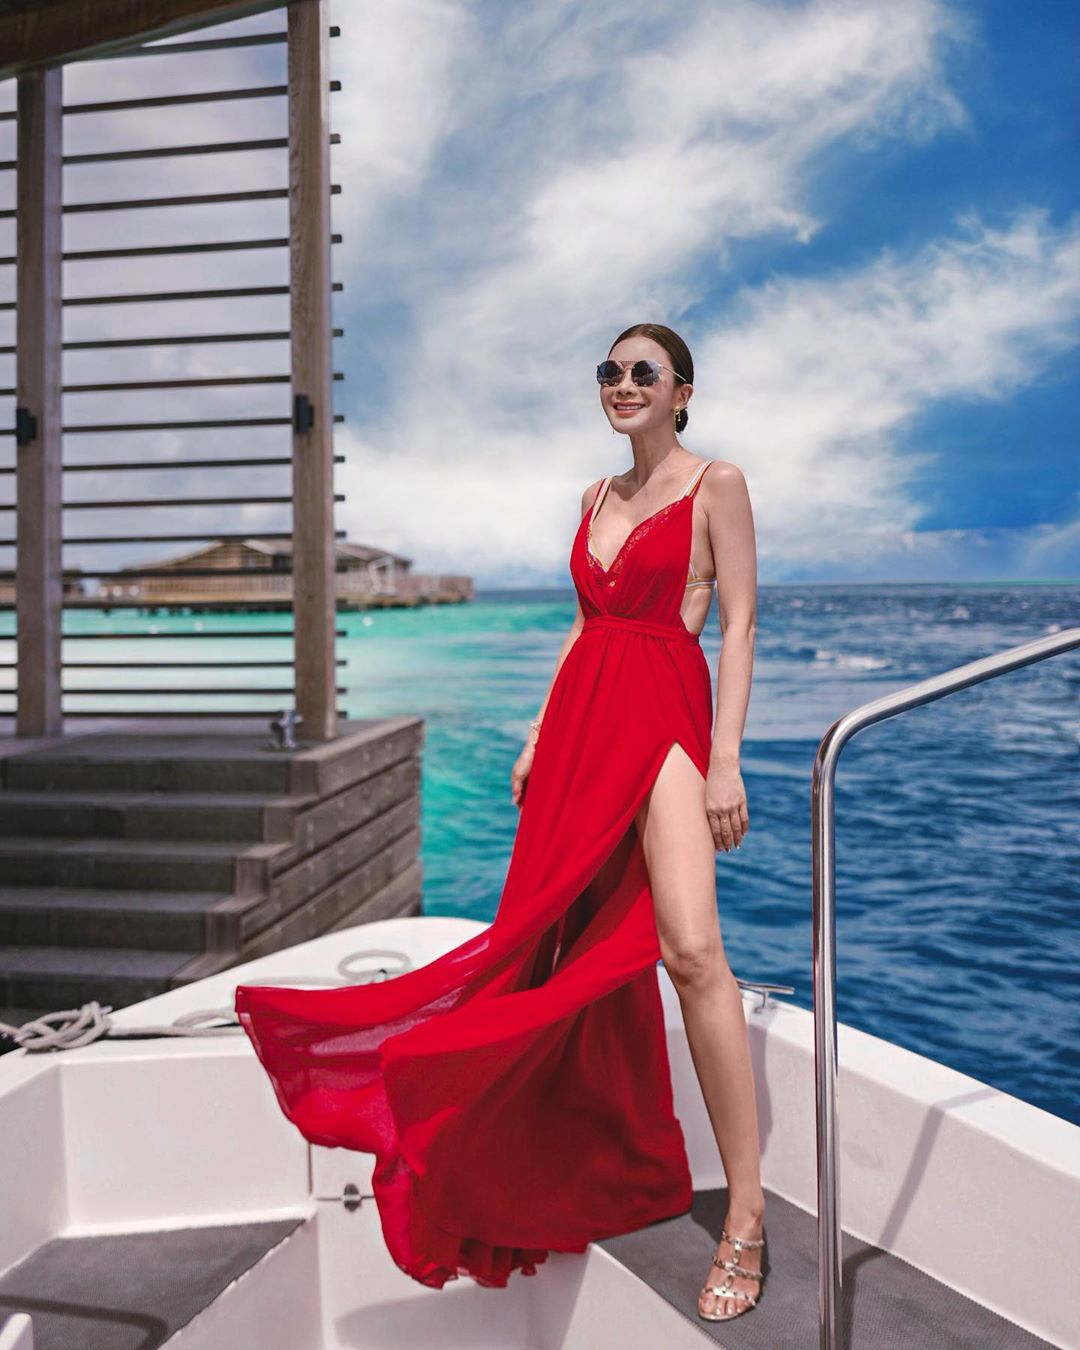 Fashionista Jamie Chua diện đầm voan dài màu đỏ quyến rũ cho kì nghỉ